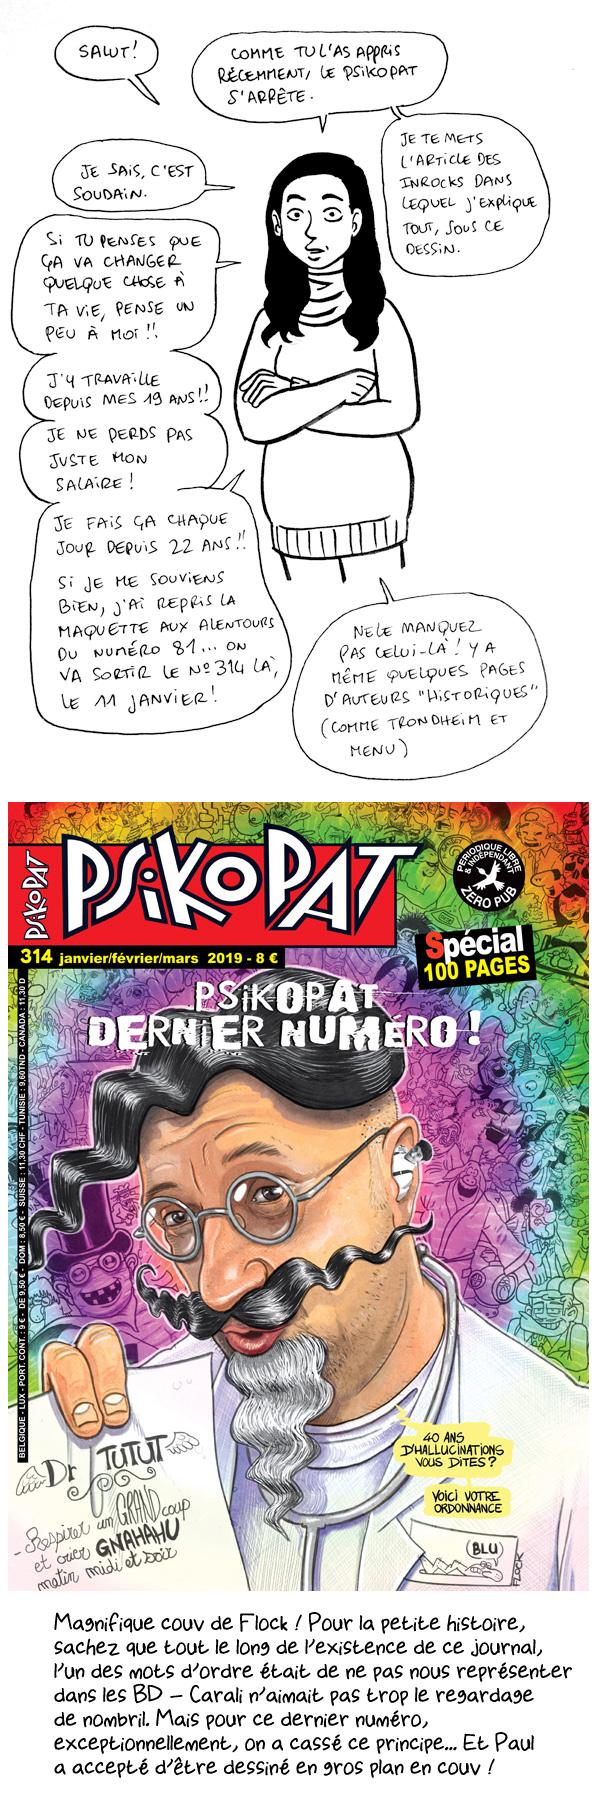 http://melaka.free.fr/blog/finpsiko1.jpg